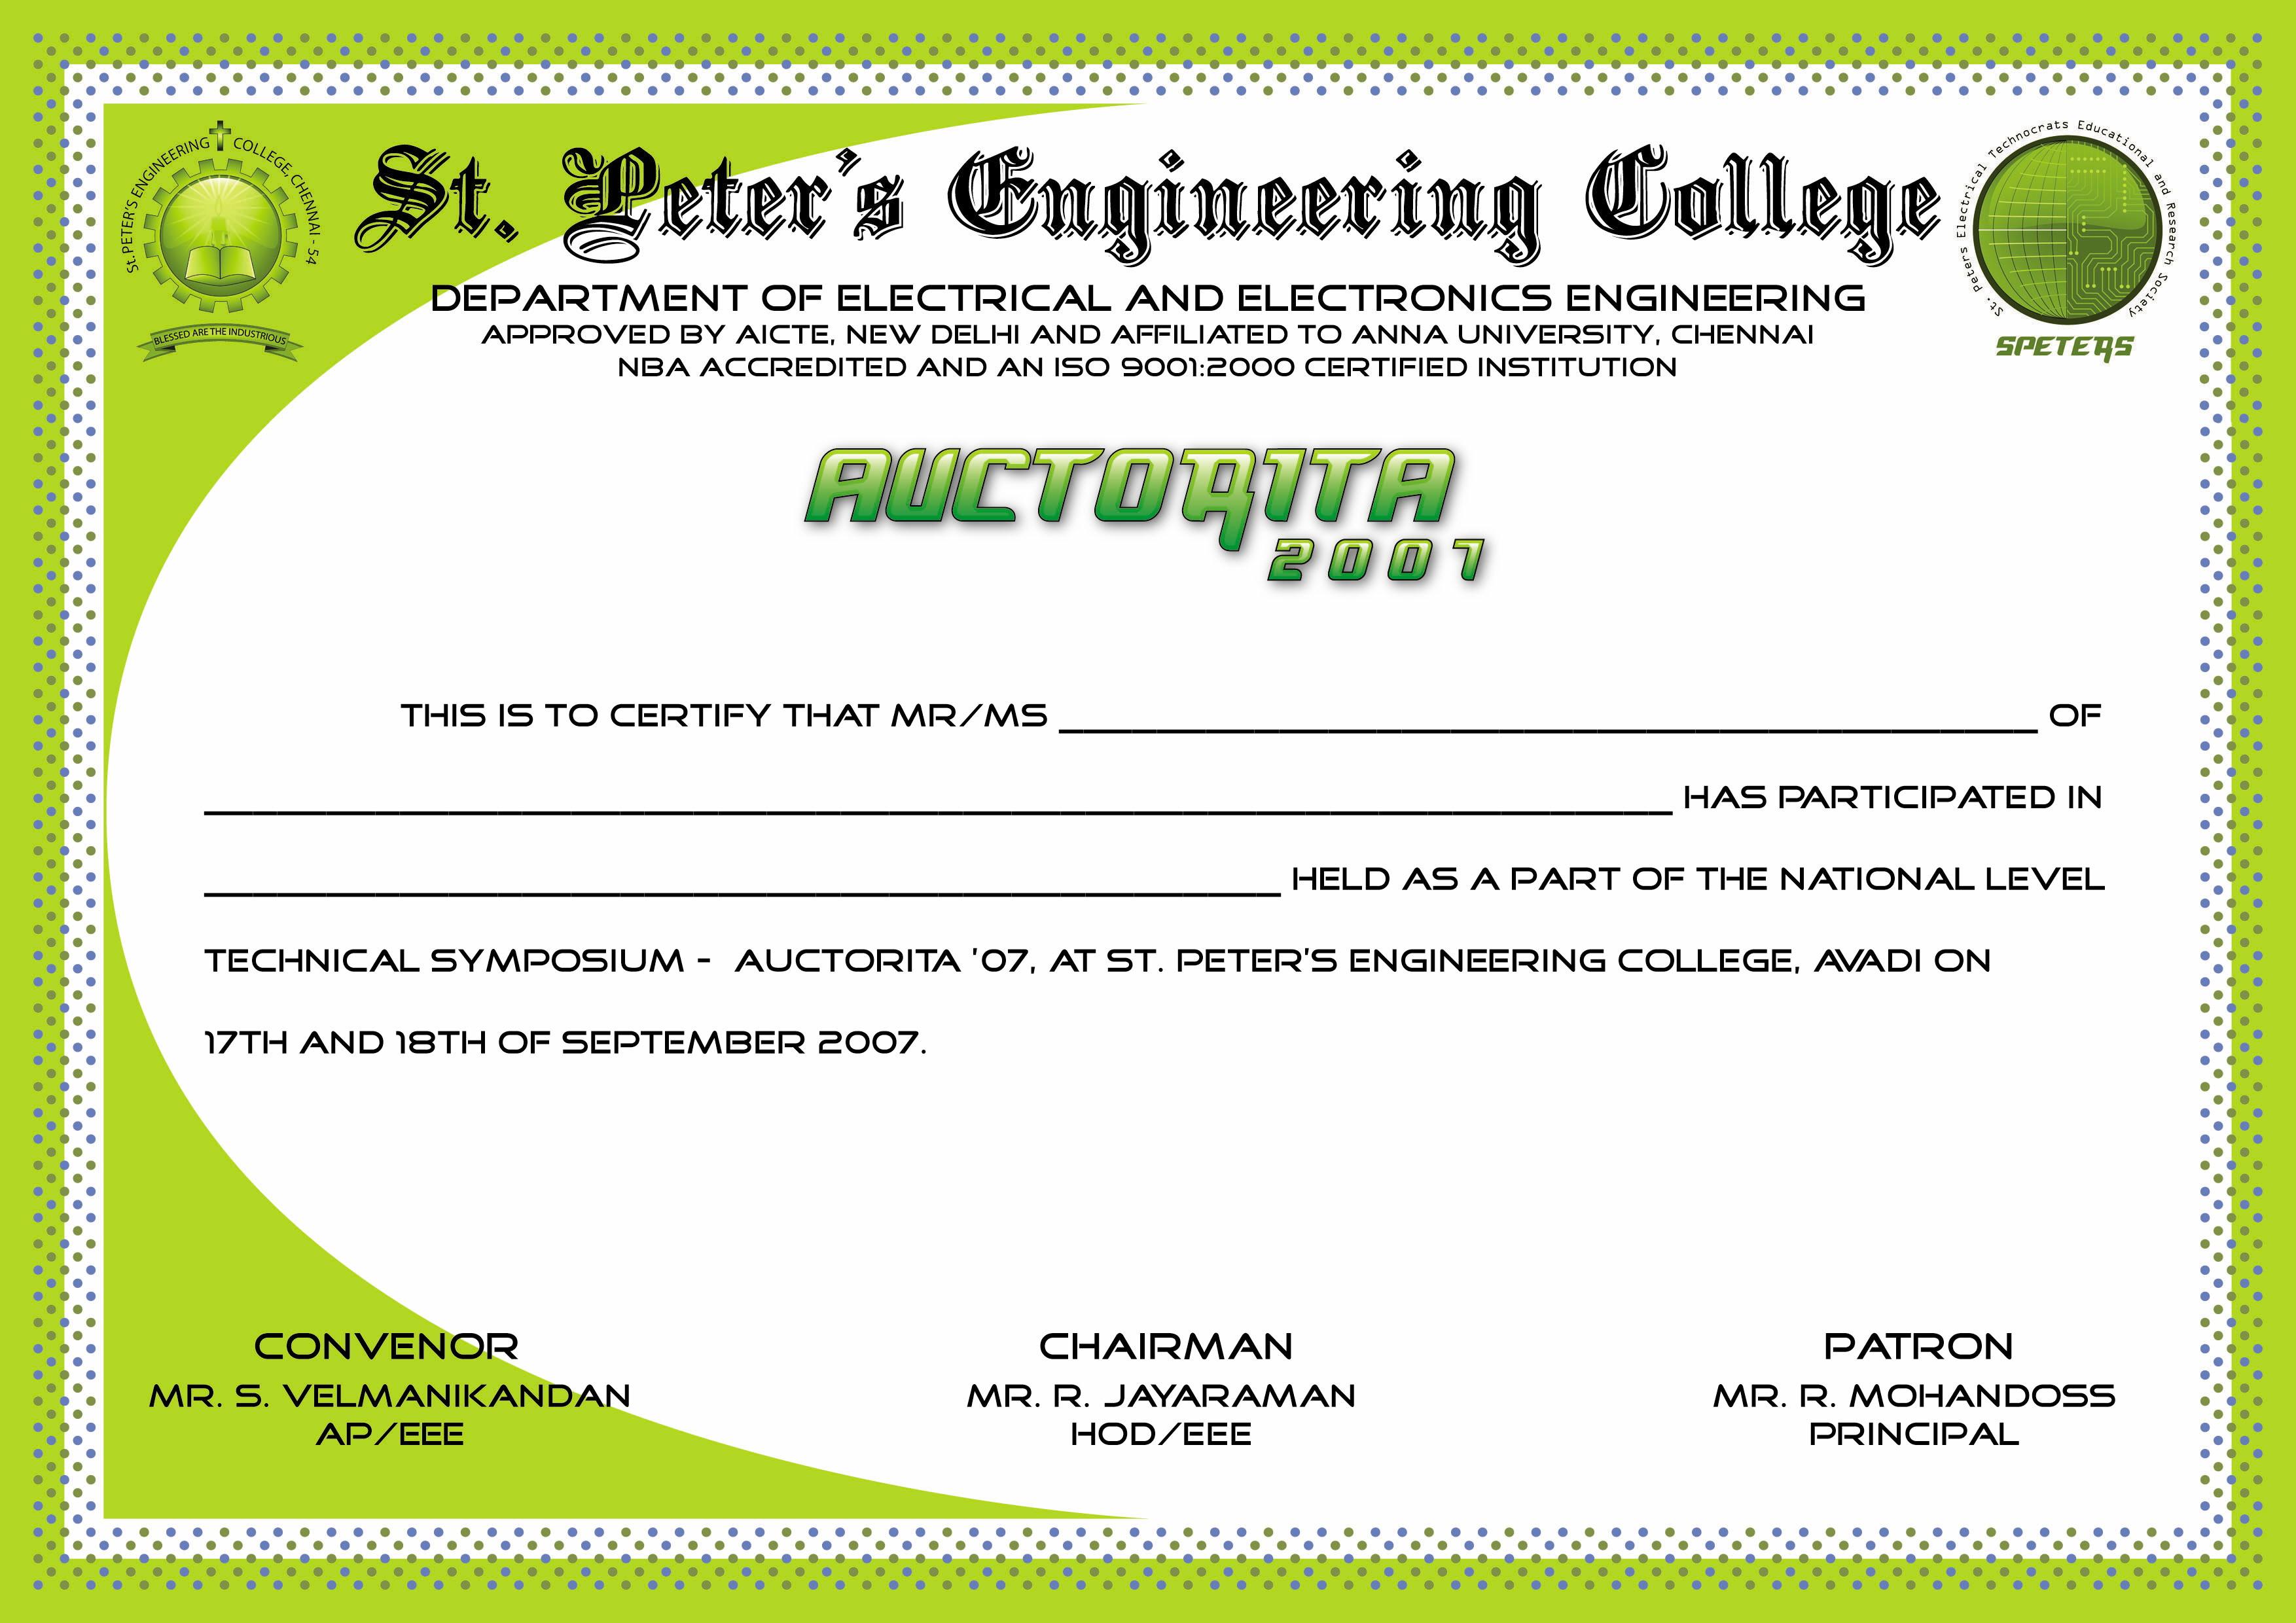 Symposium Certificate Templates